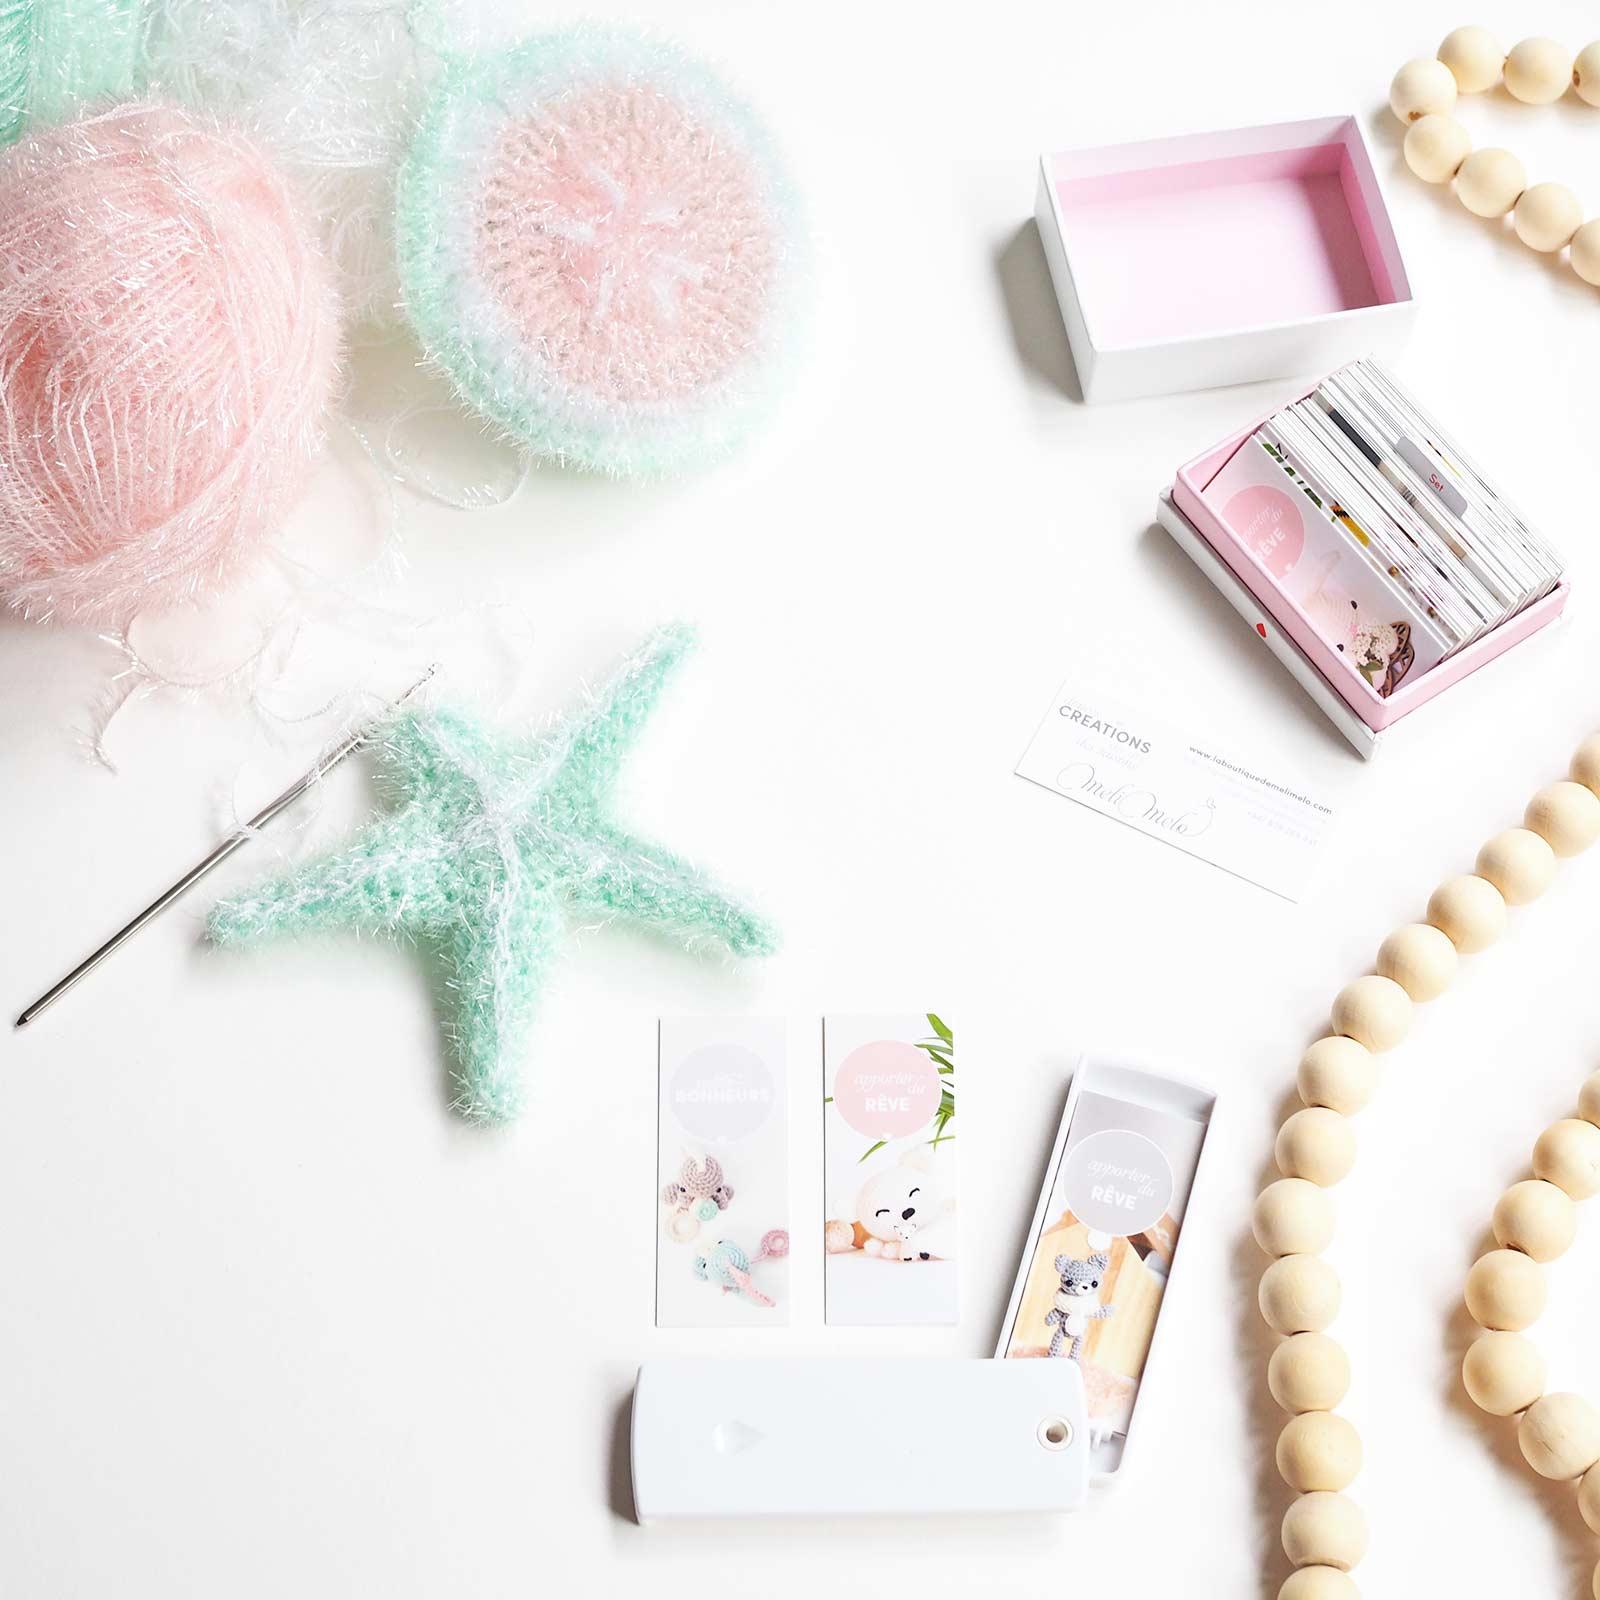 éponge tawashi pour corps étoile de mer mint encours starfish wip creative bubble Rico Design Moocards minicards laboutiquedemelimelo